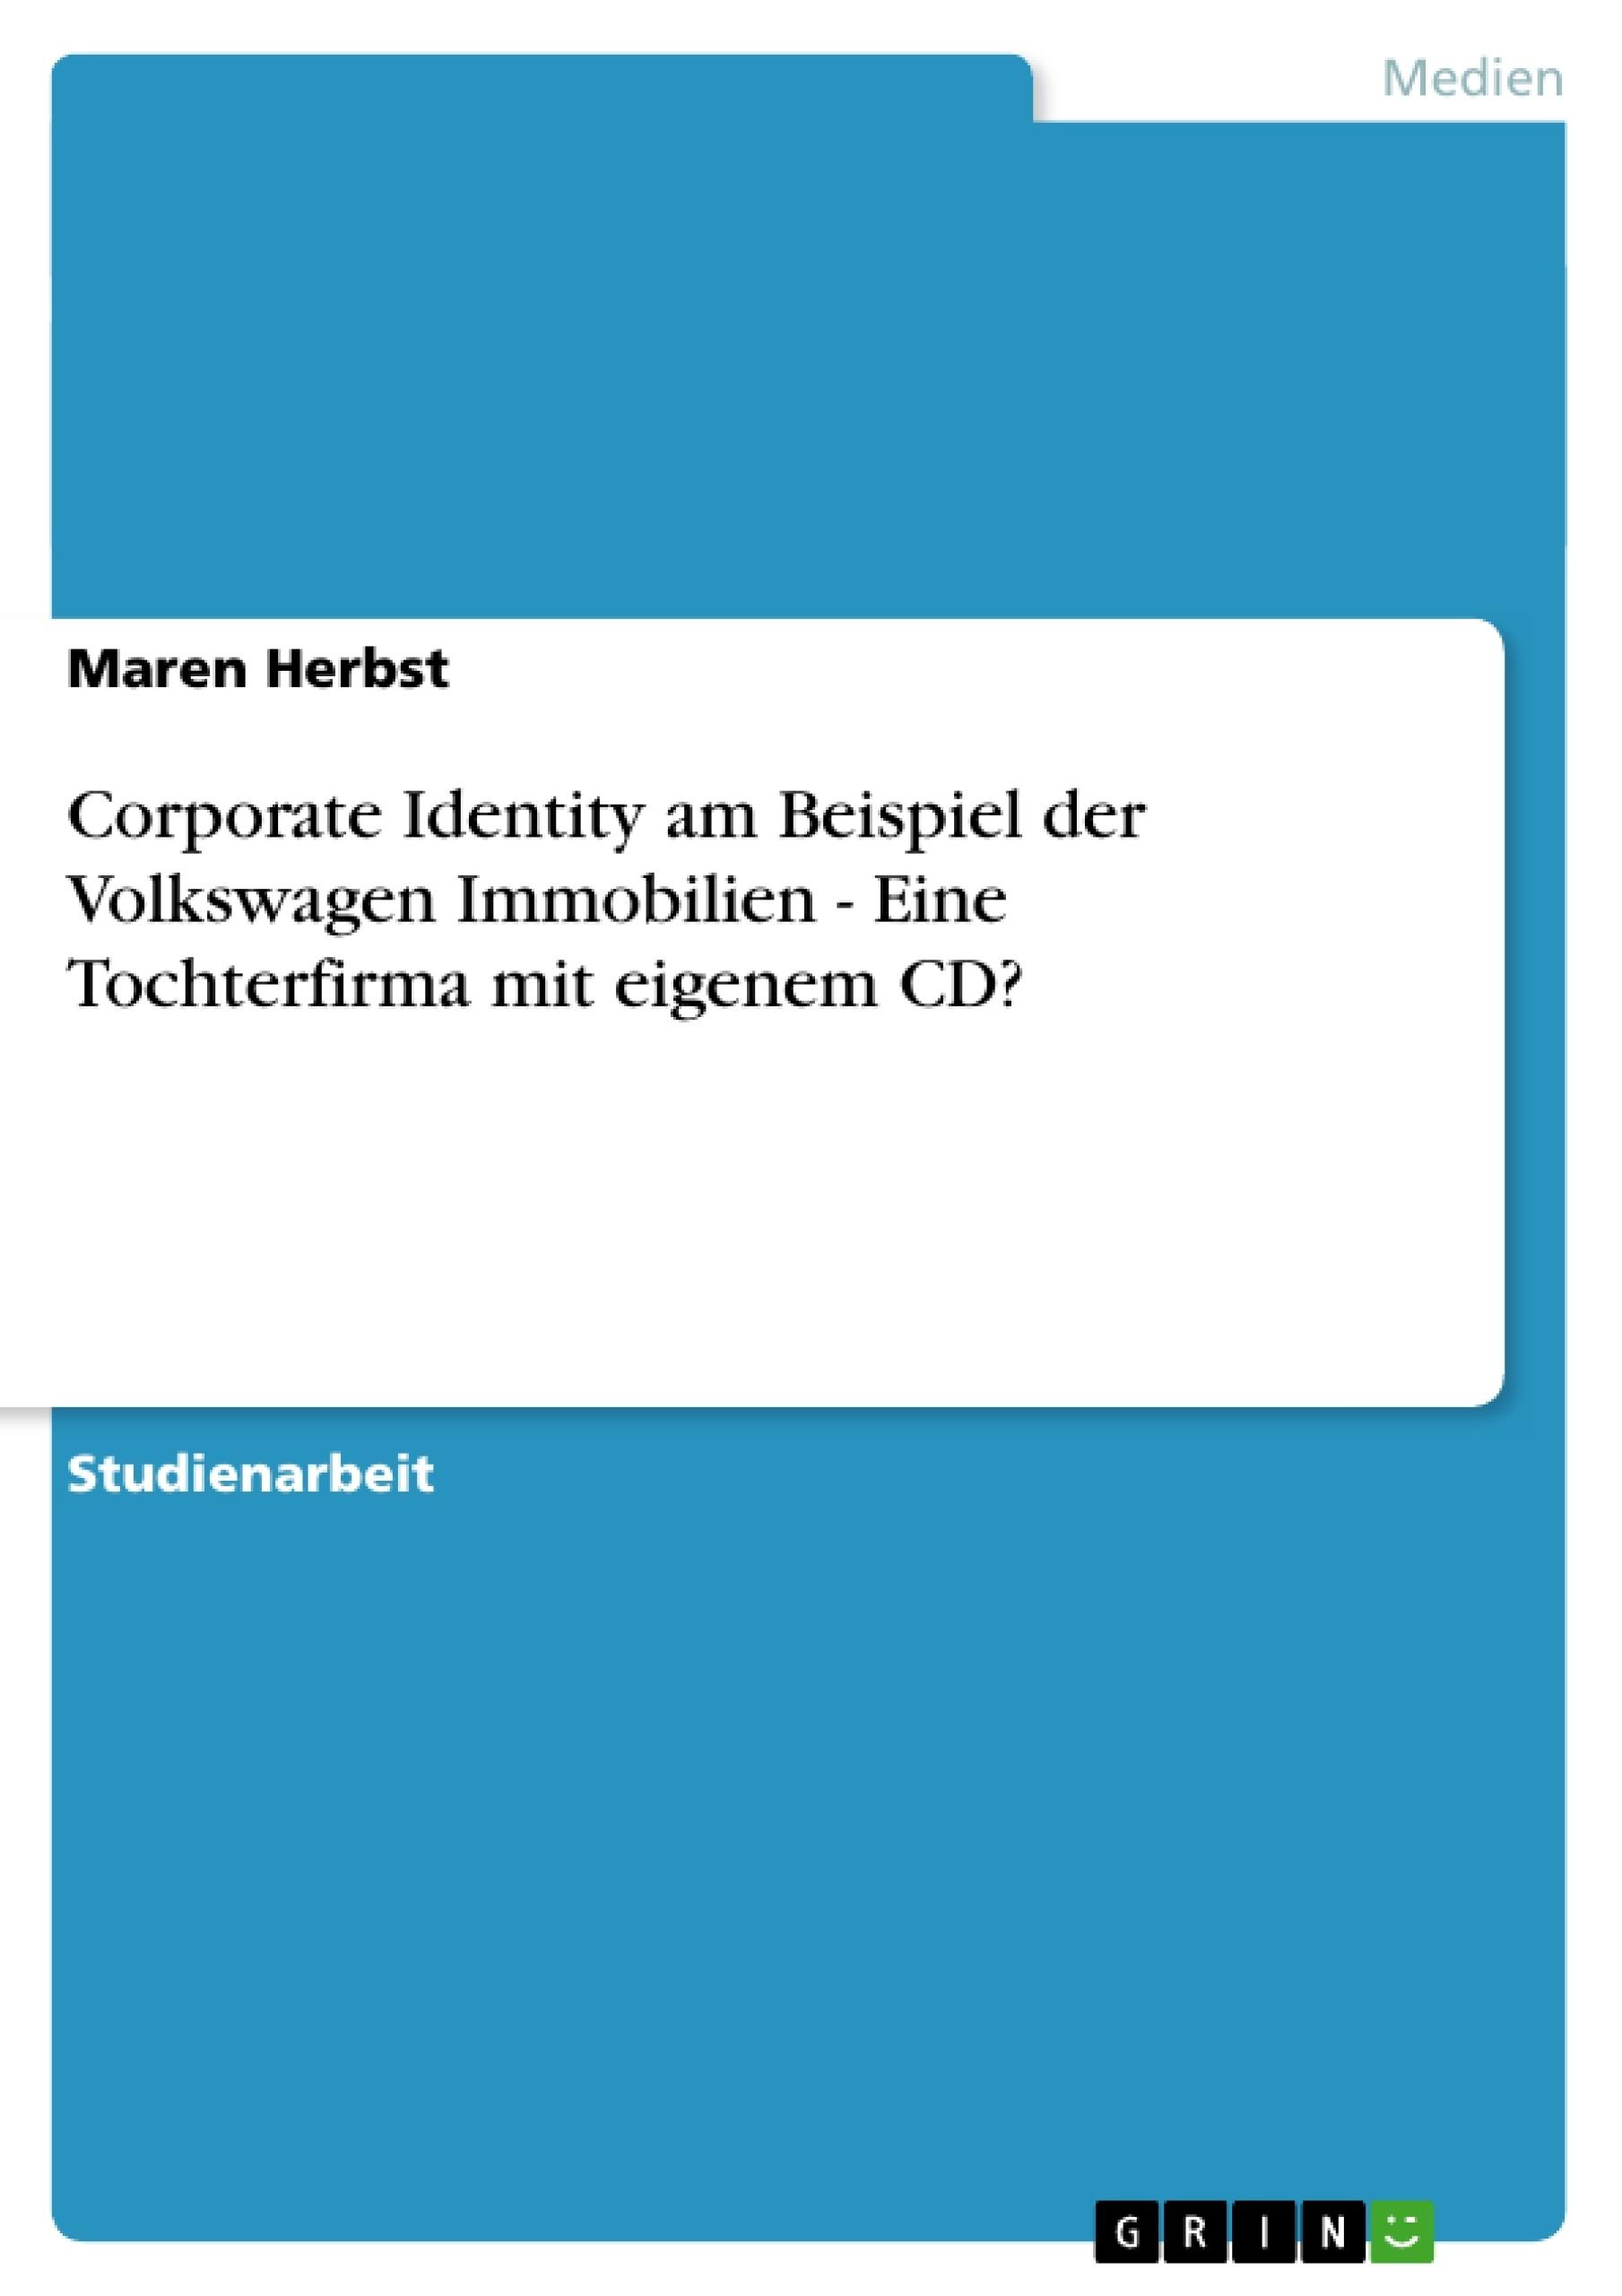 Titel: Corporate Identity am Beispiel der Volkswagen Immobilien - Eine Tochterfirma mit eigenem CD?